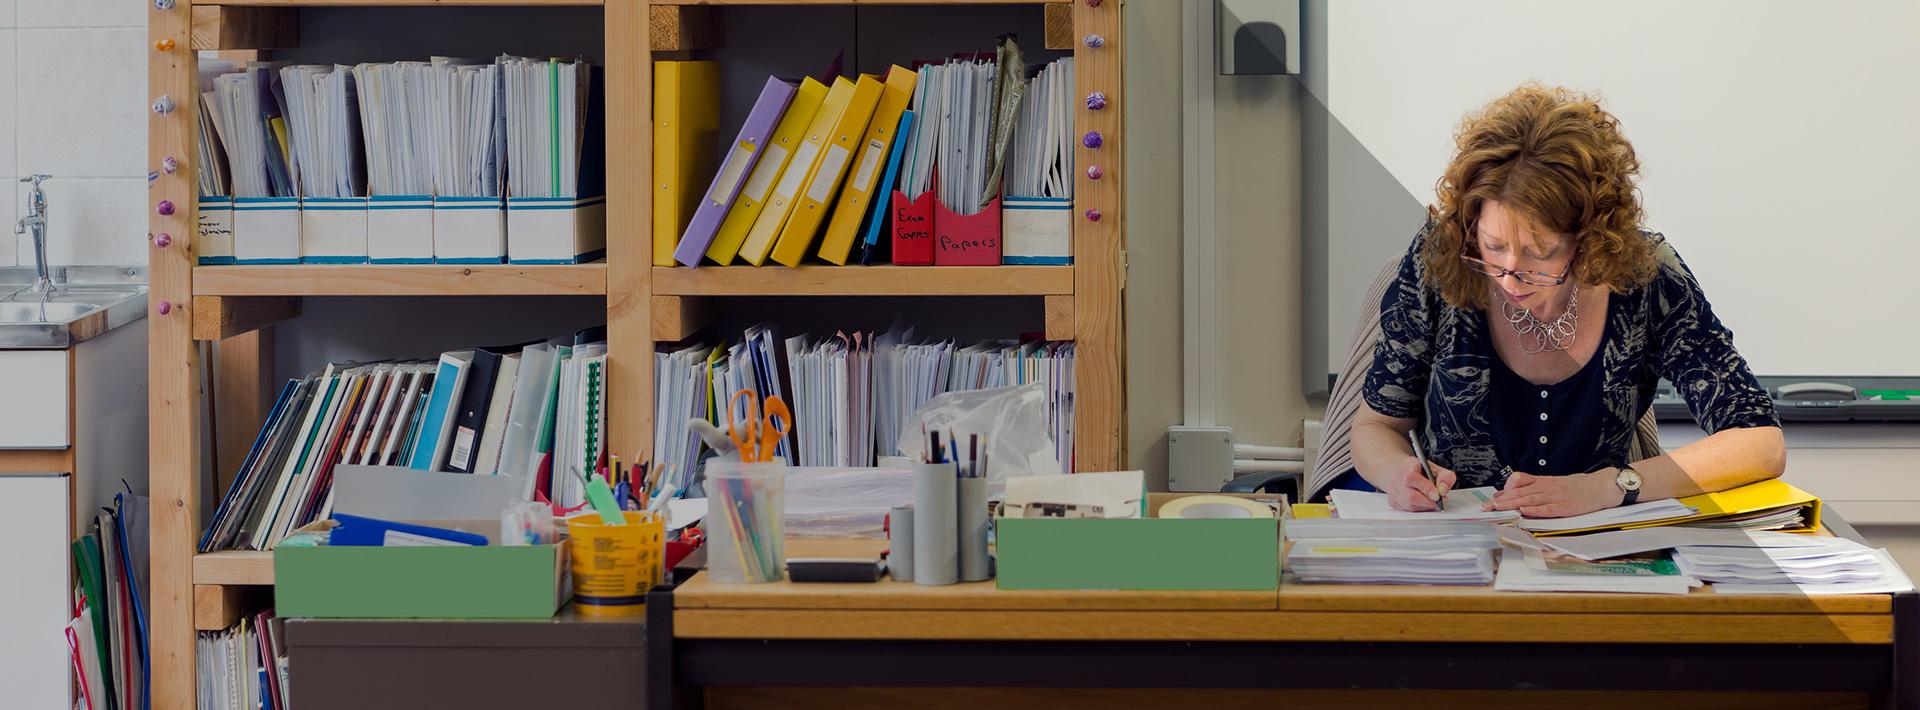 Schoolteacher sitting at desk and marking work